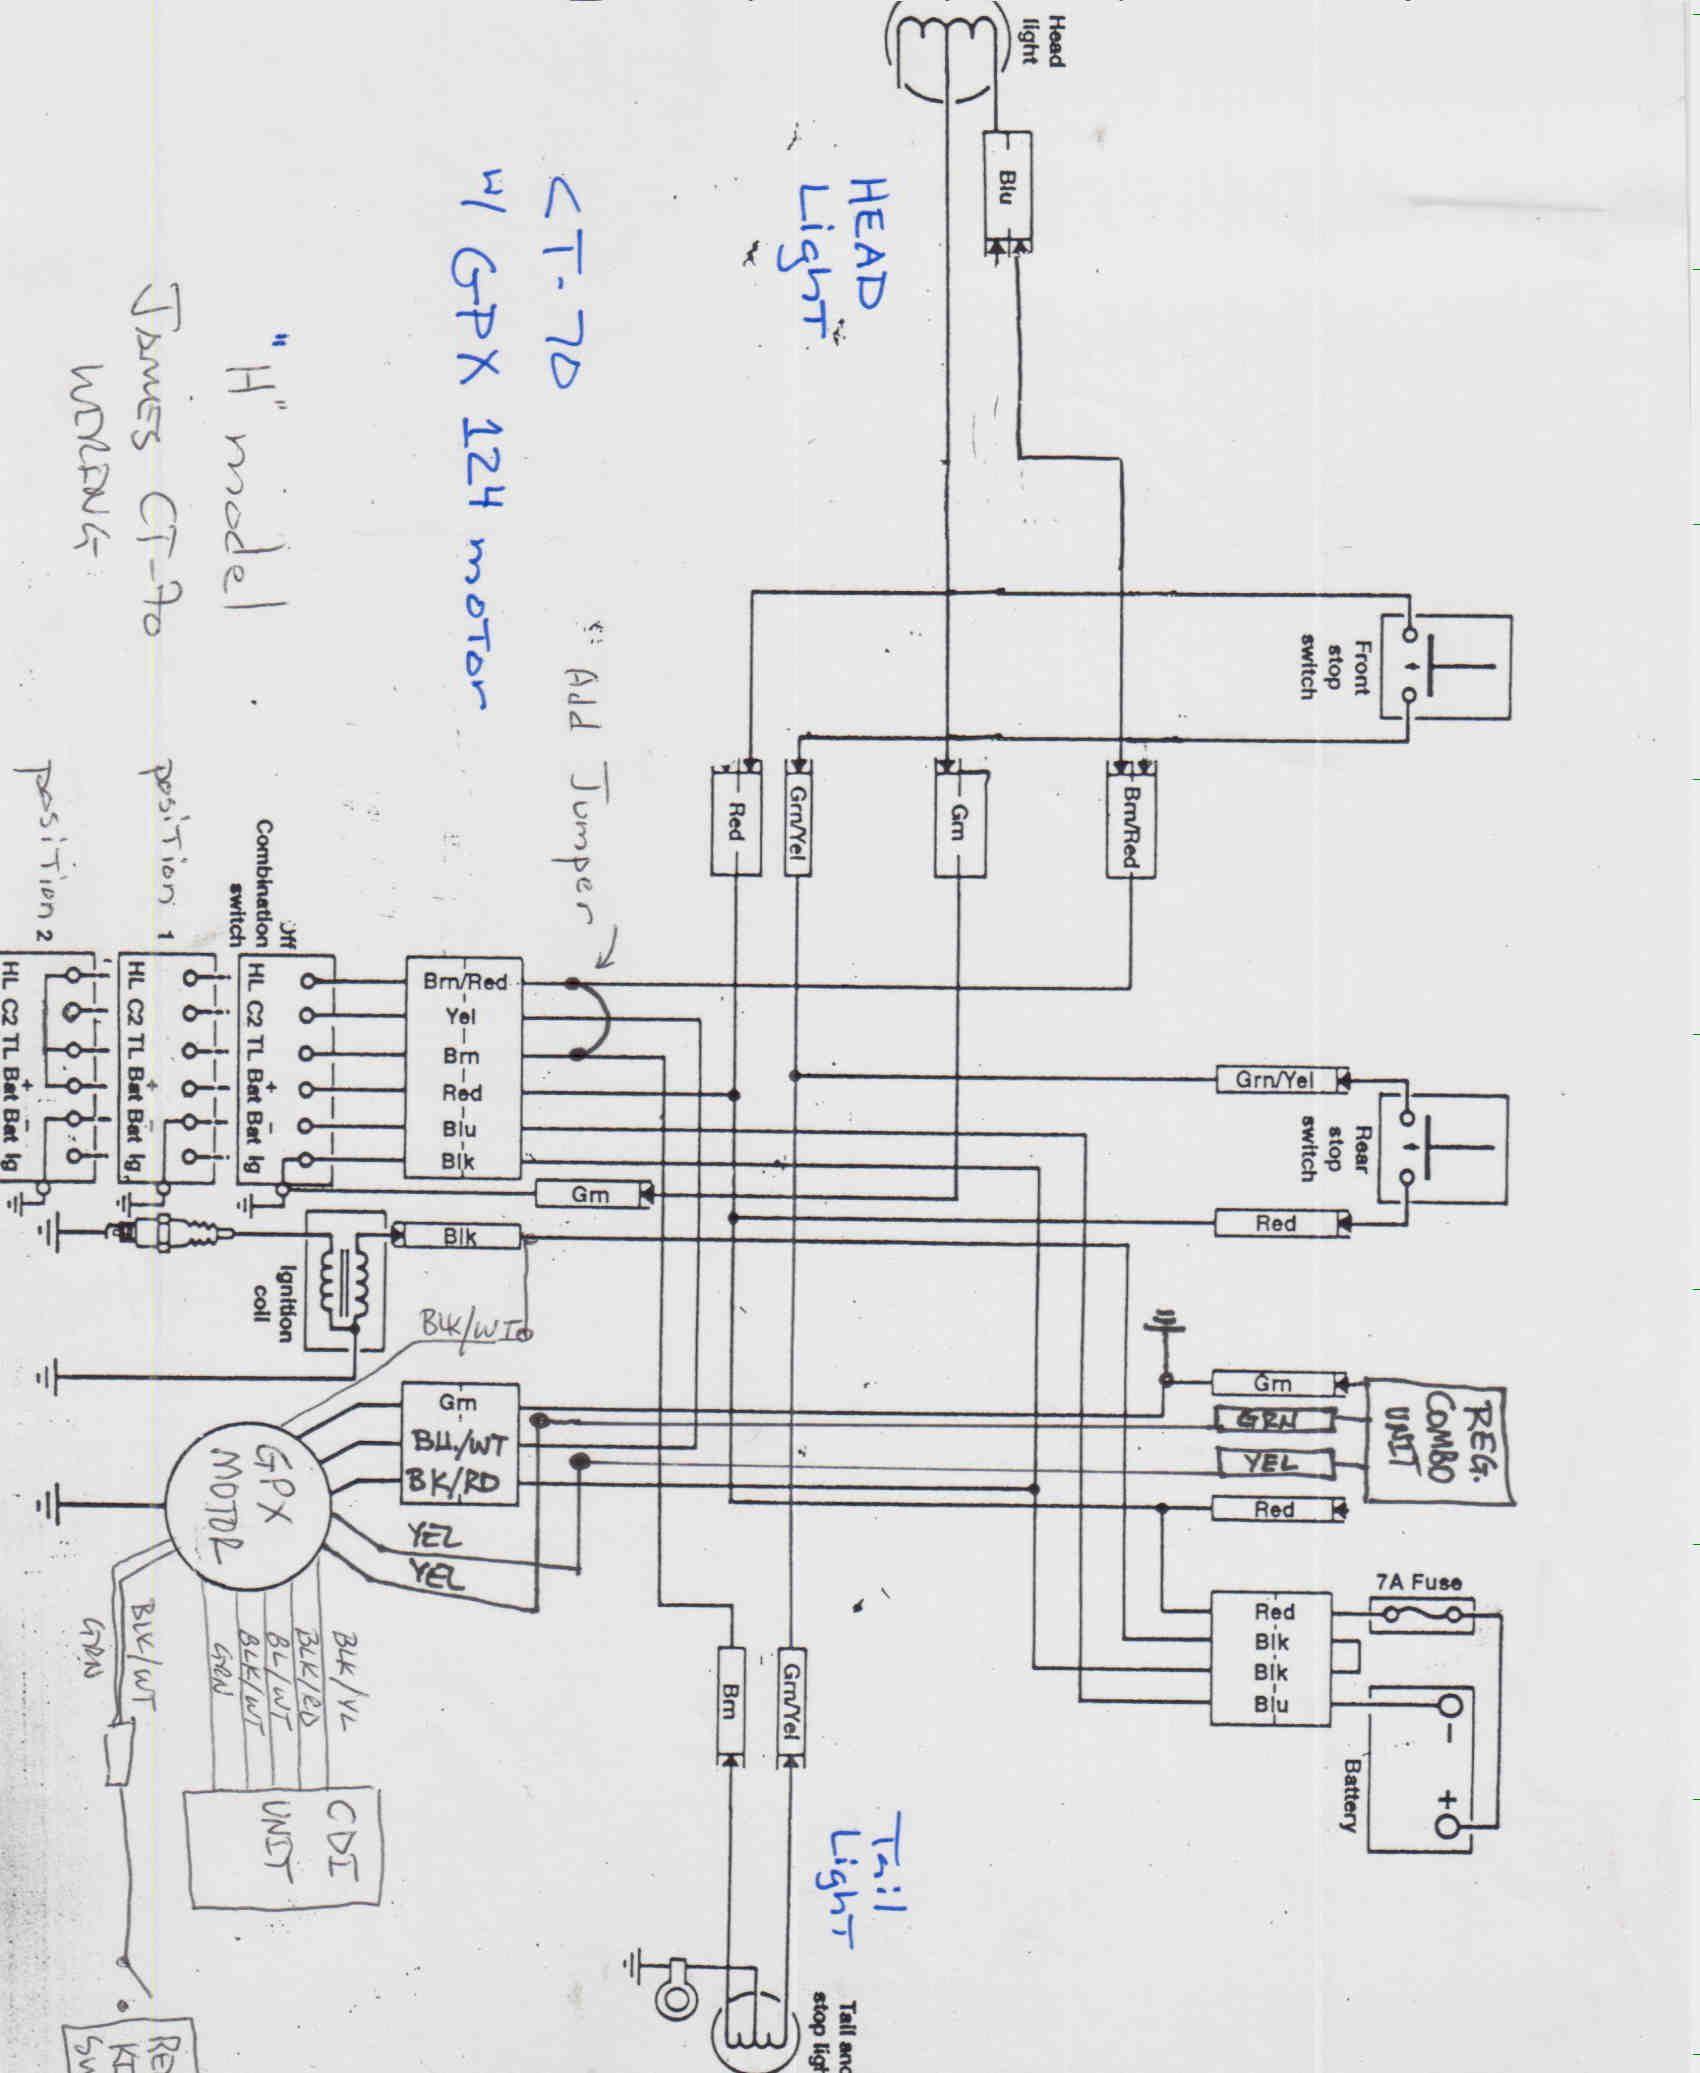 [SCHEMATICS_4NL]  110 schematic wiring diagram basic electrical schematic | Diagram, Line  diagram, Electrical wiring diagram | 110v Wiring Diagrams |  | Pinterest